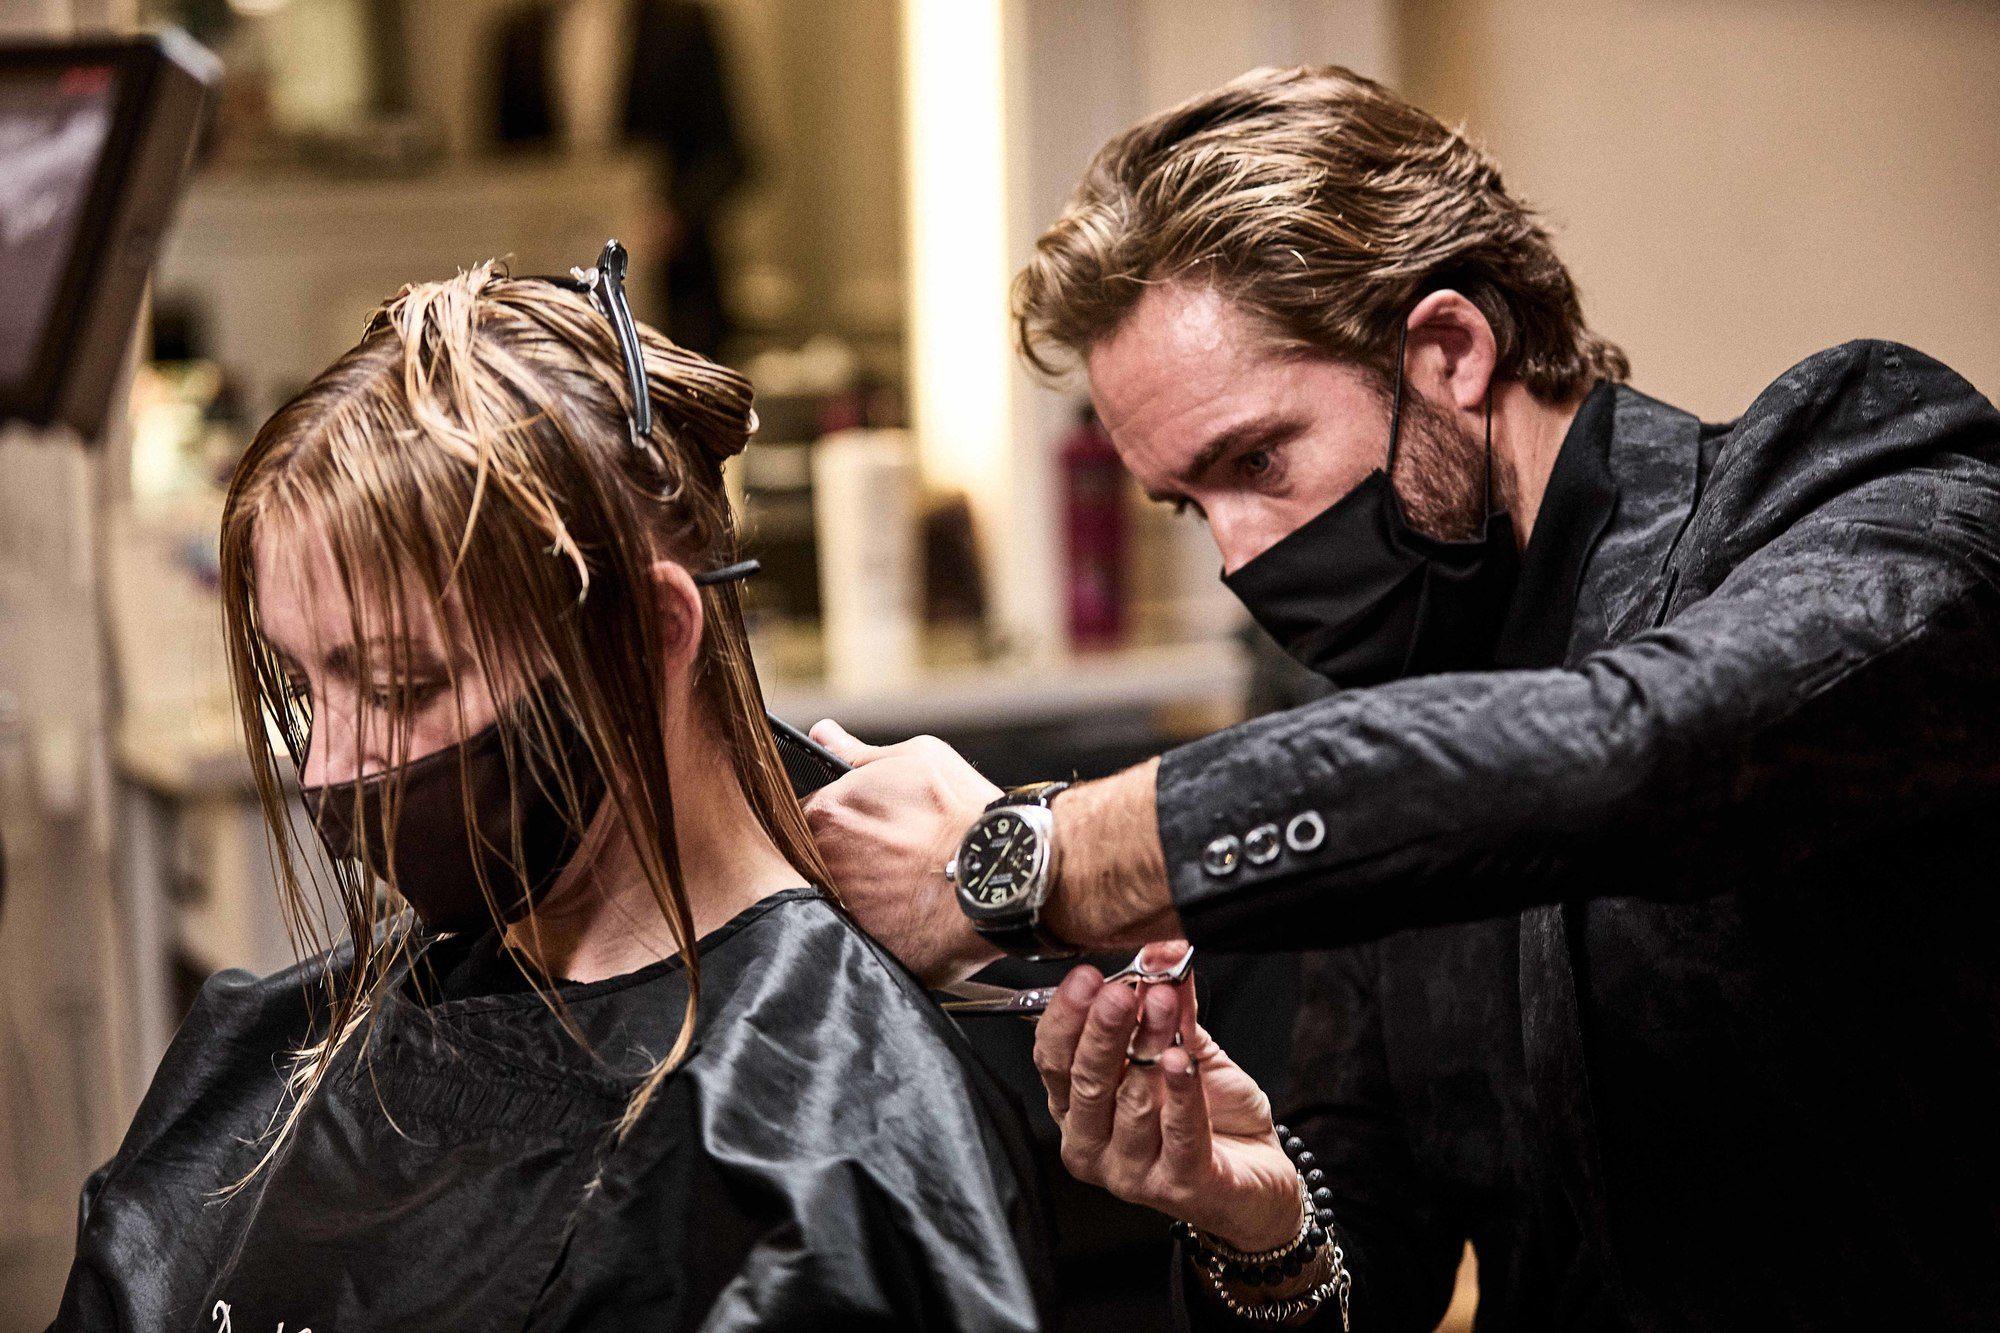 Le coiffeur James Brunt coupe les cheveux d'une femme blonde